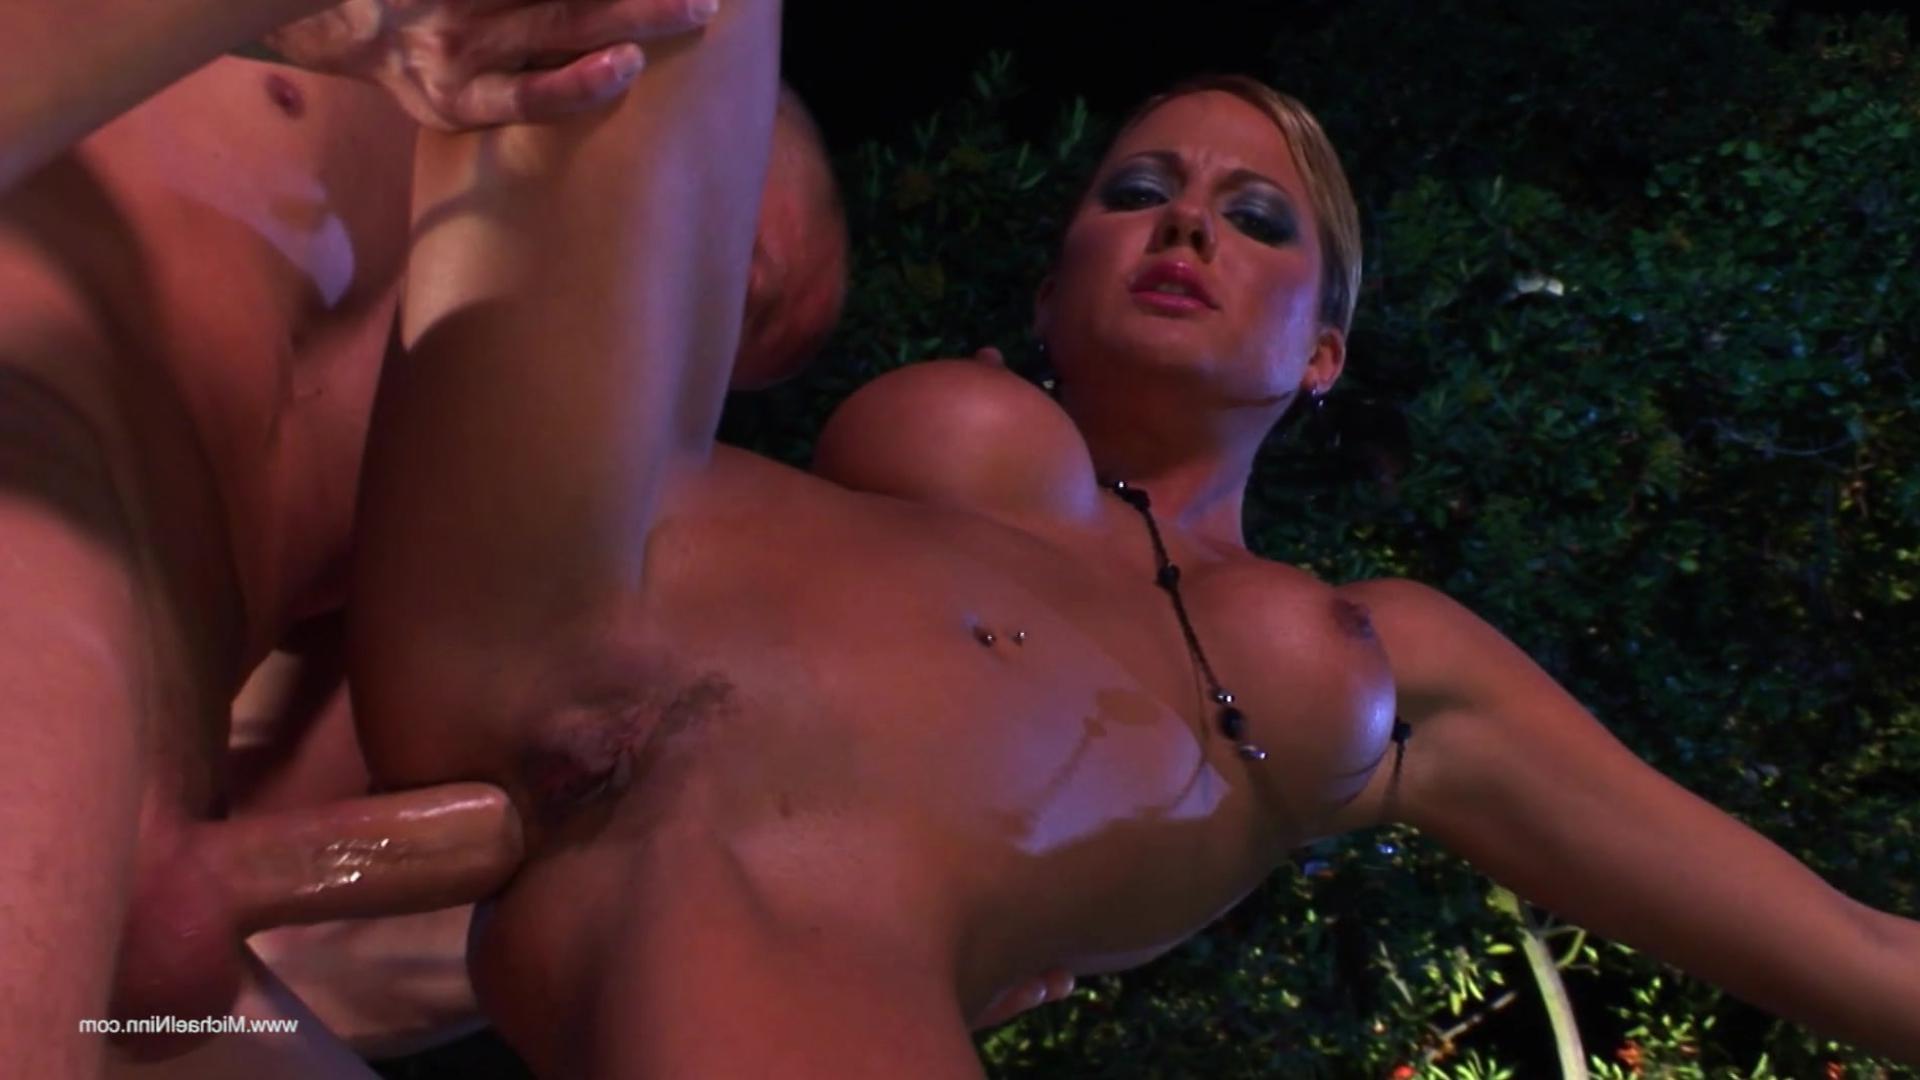 Порно в клубе онлайн бесплатно